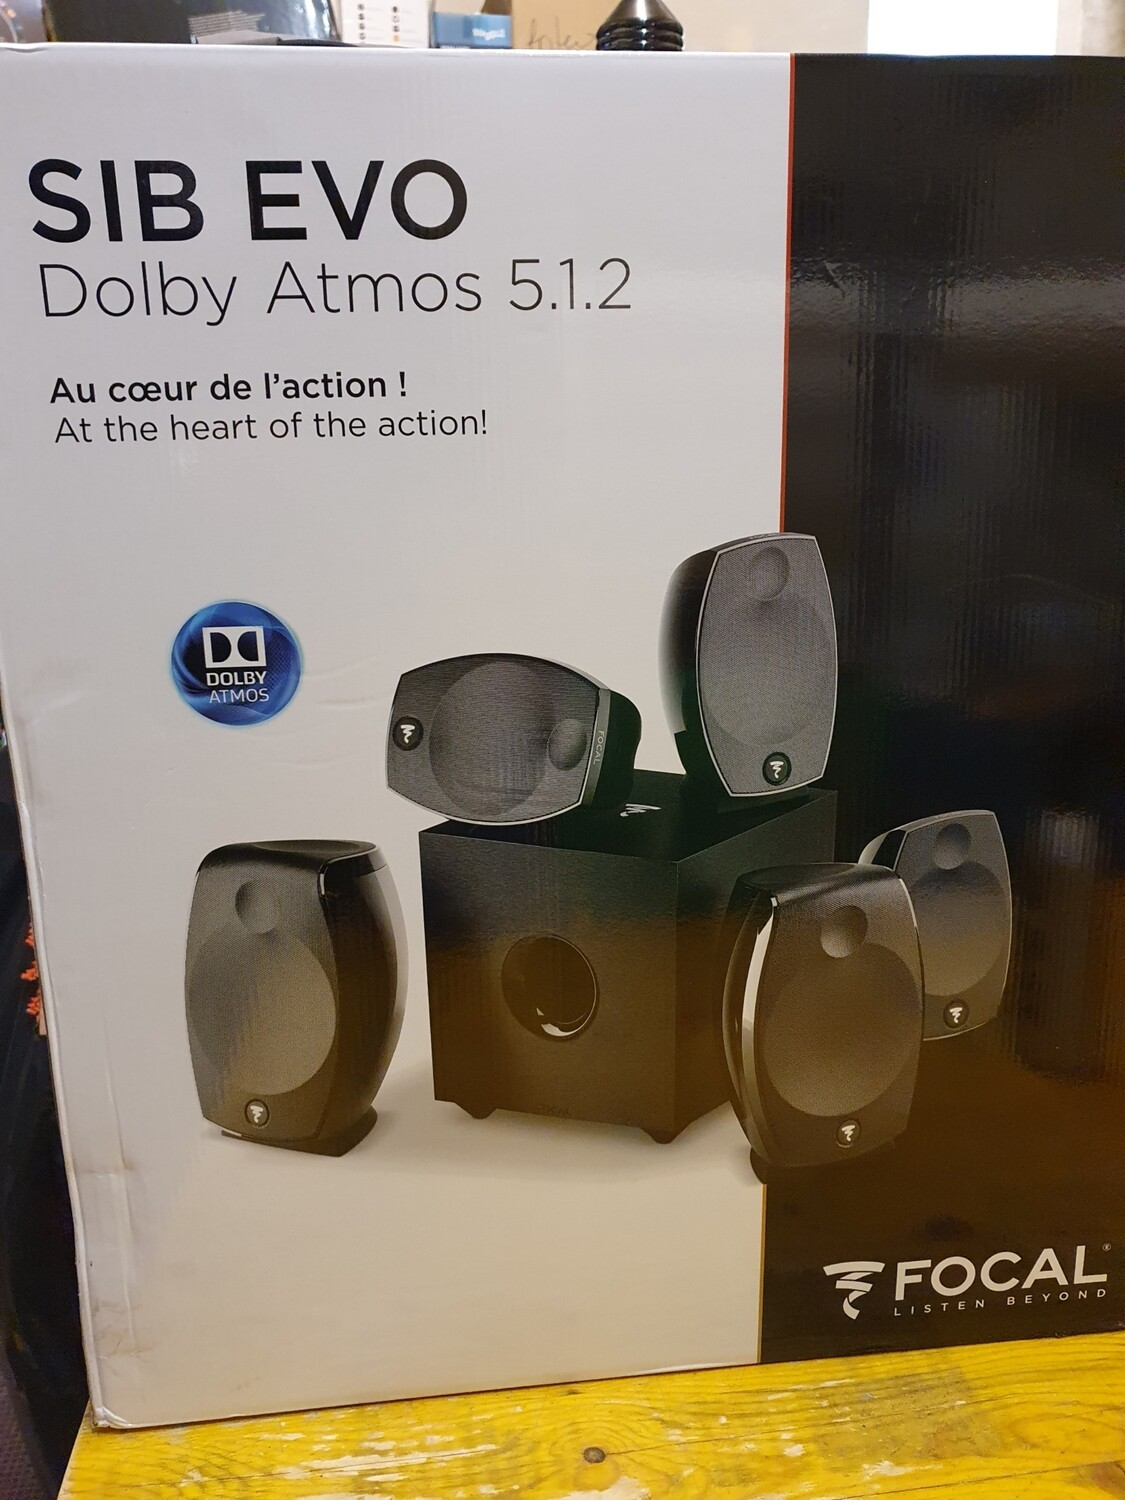 Focal SIB EVO Dolby Atmos 5.1.2